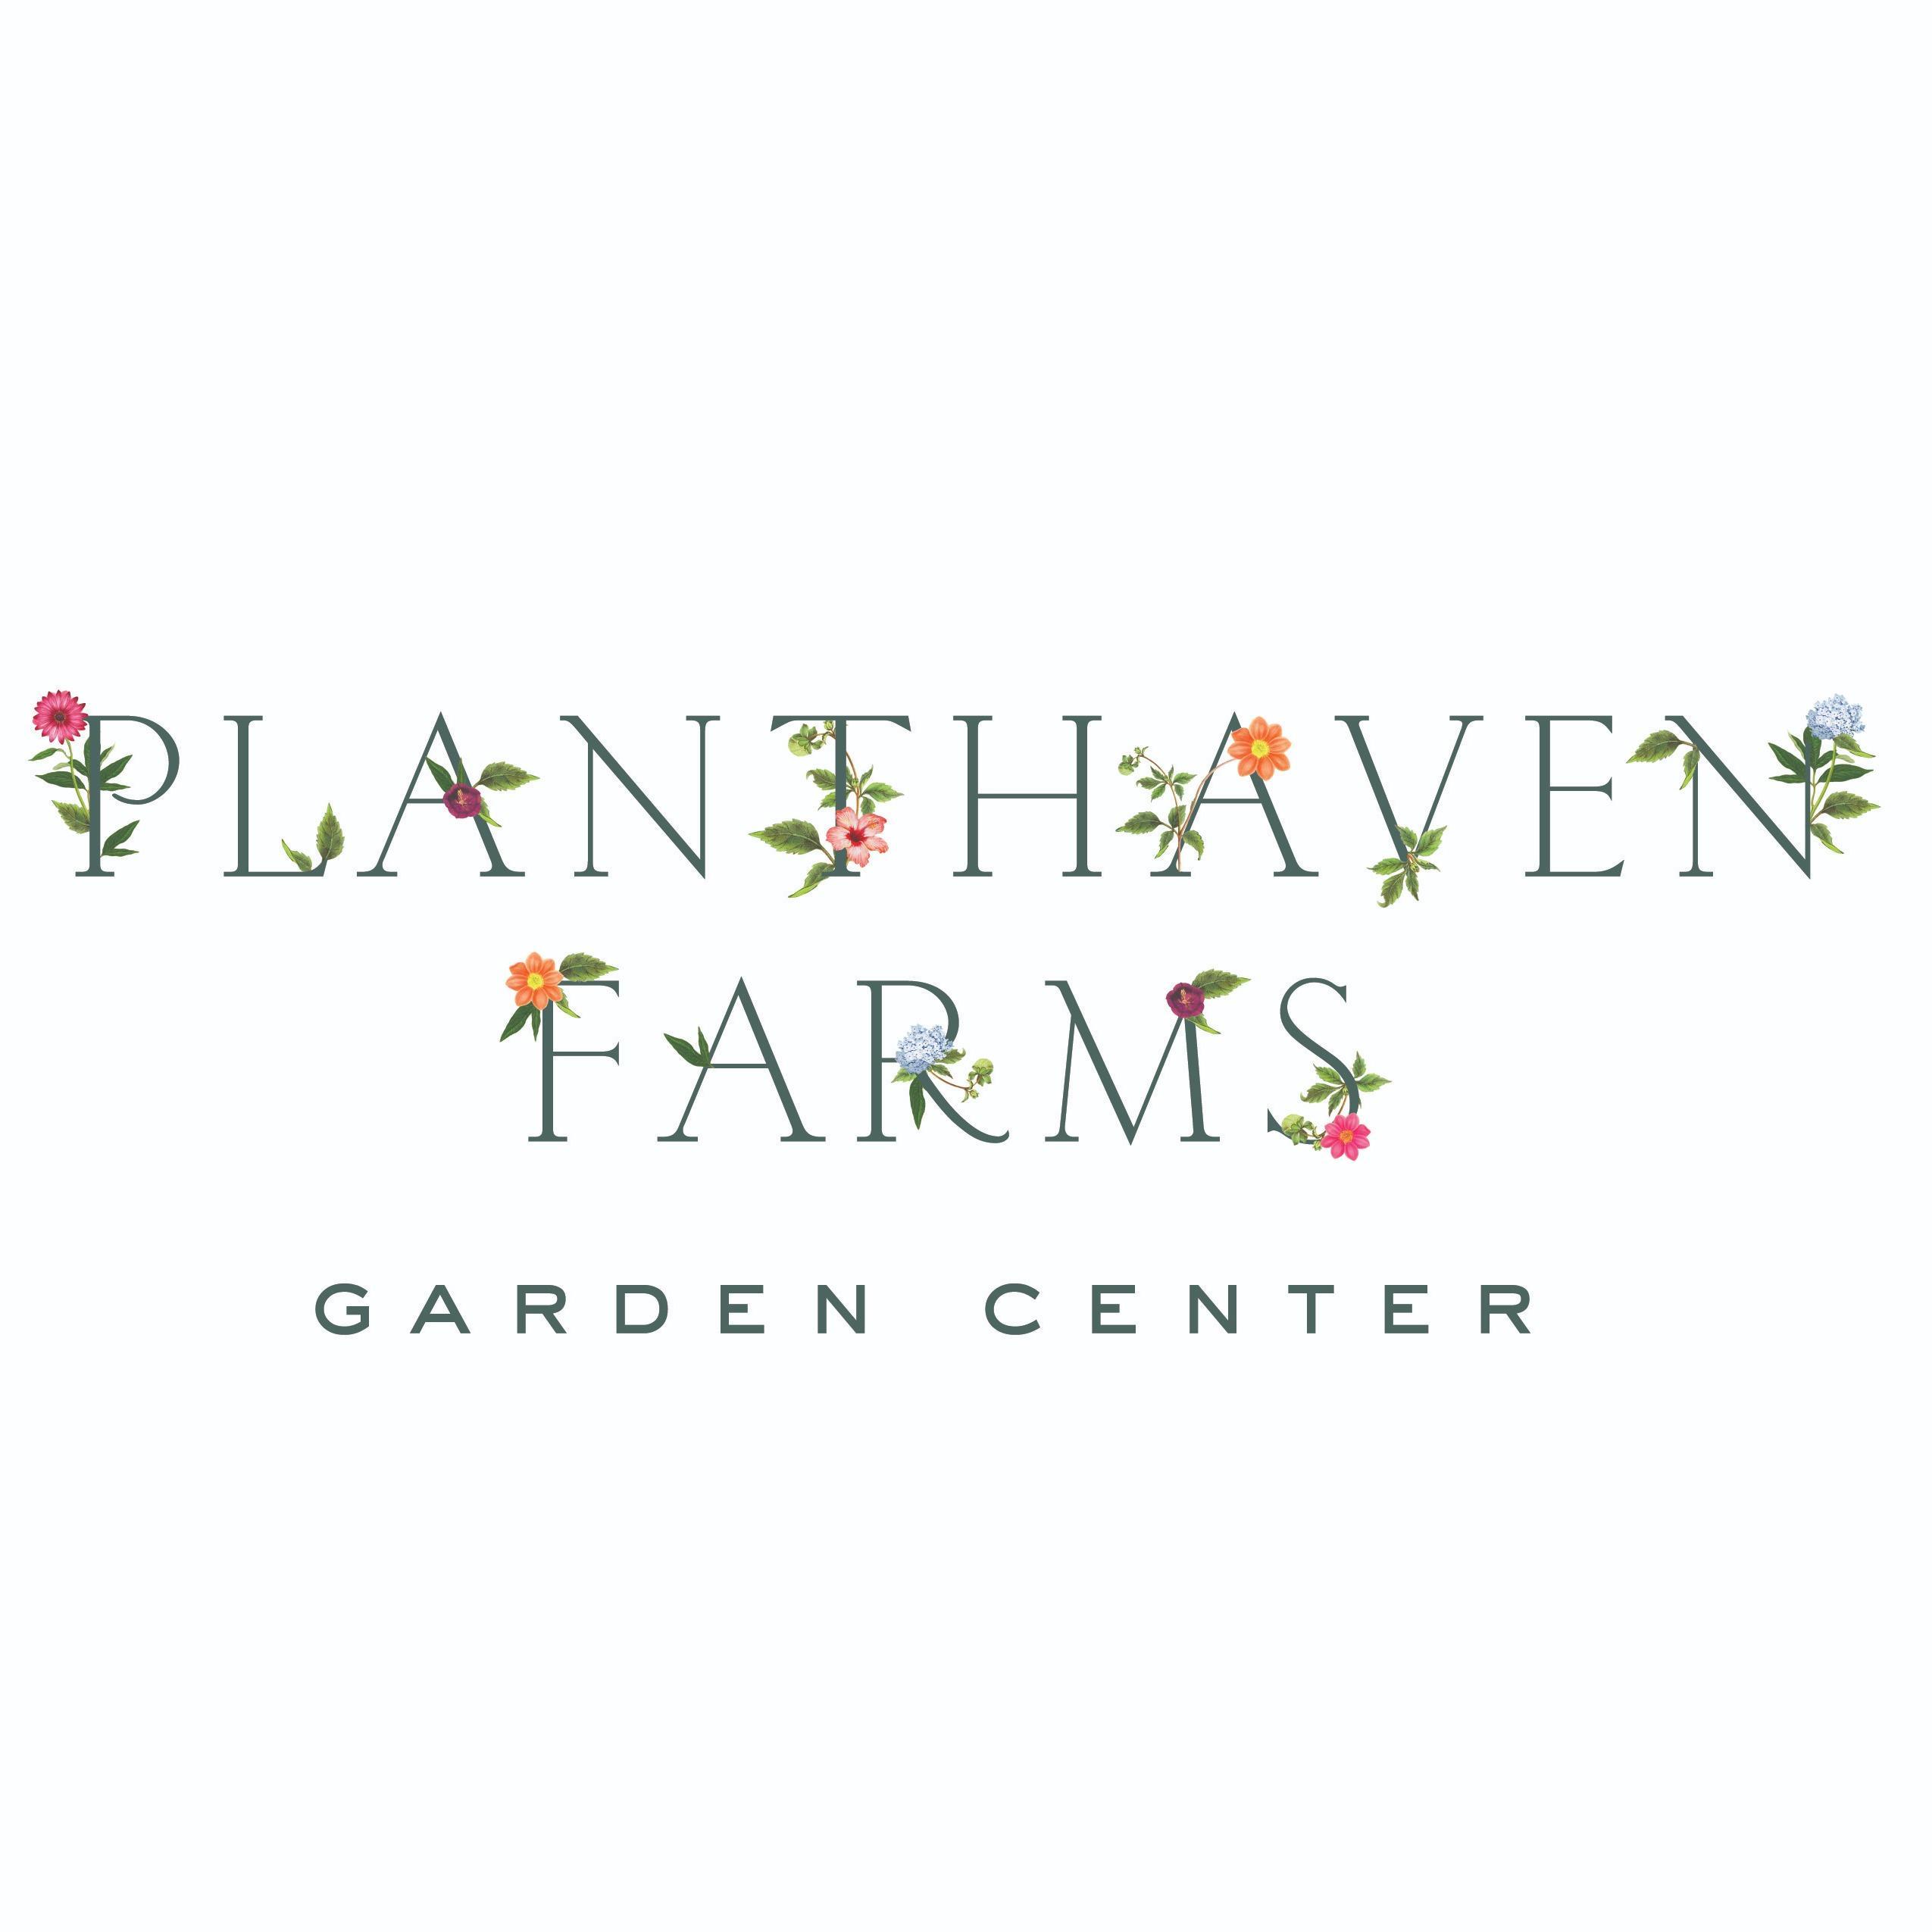 Planthaven Farms - Olivette image 9